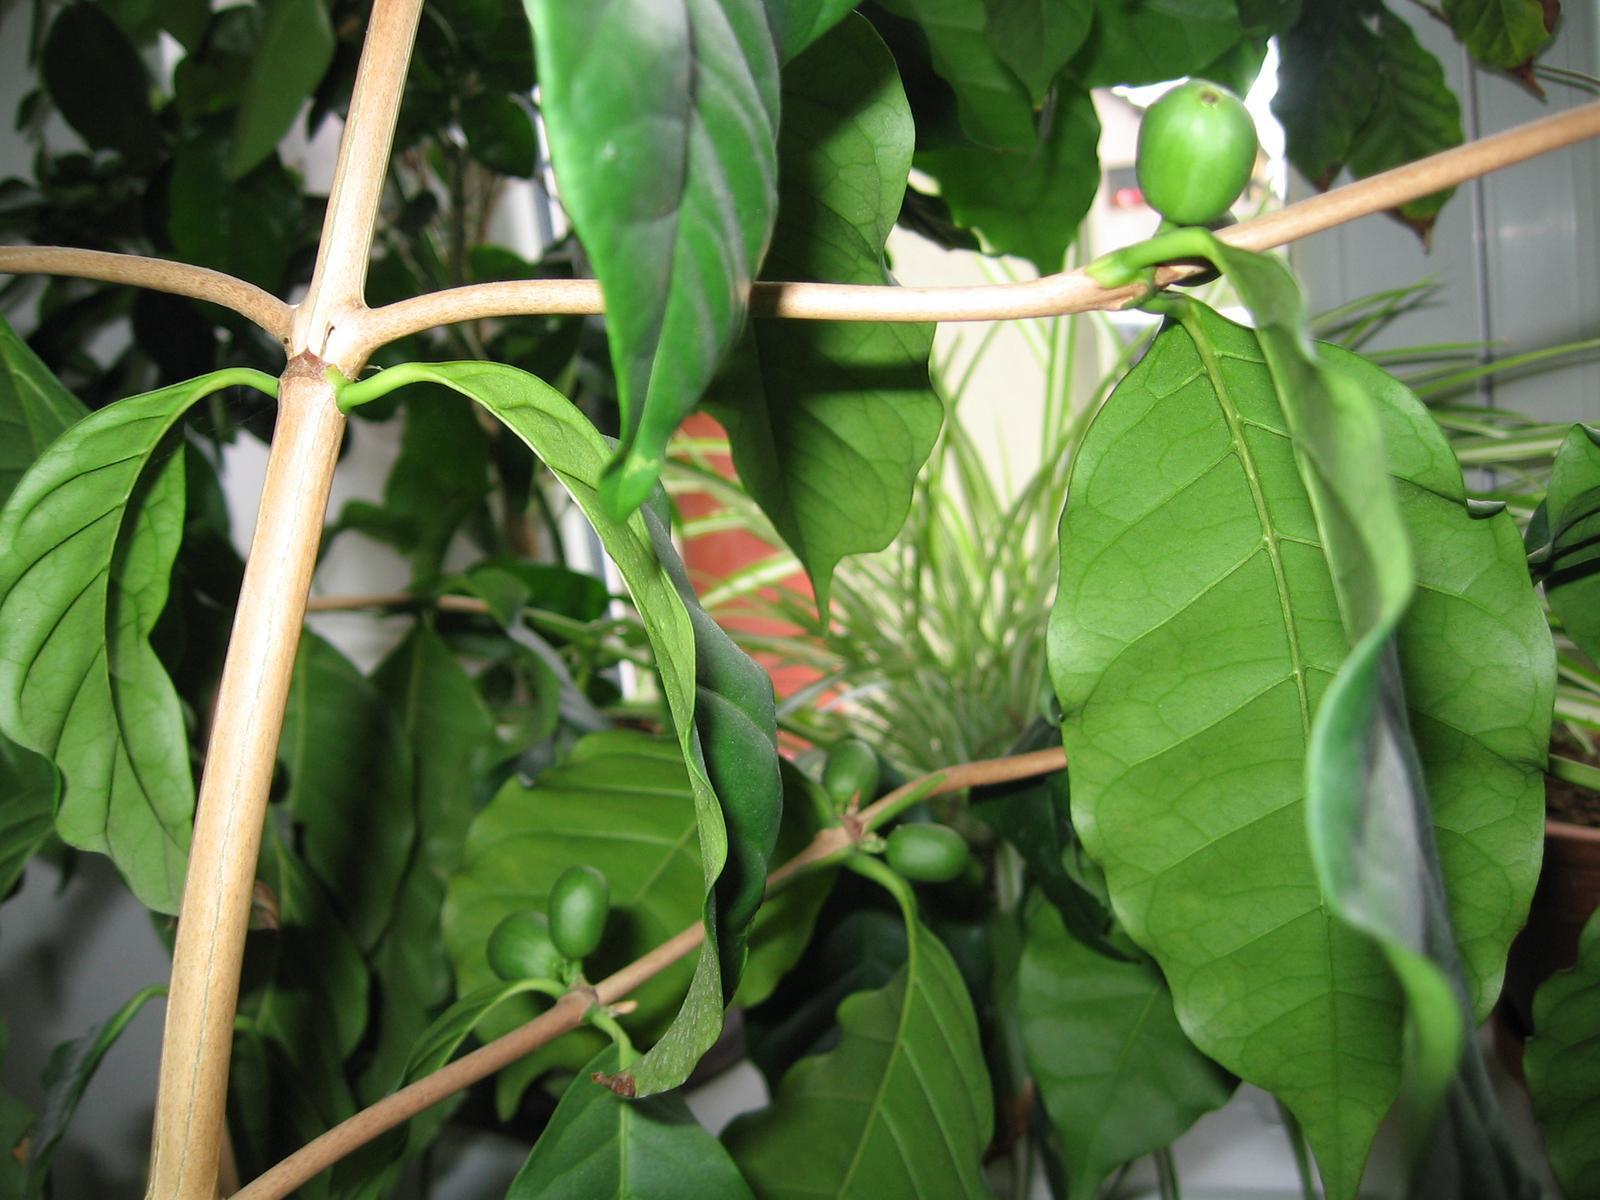 Plodící kávovník - a pak že se dá pěstovat jen v Brazílii - Obrázek č. 3